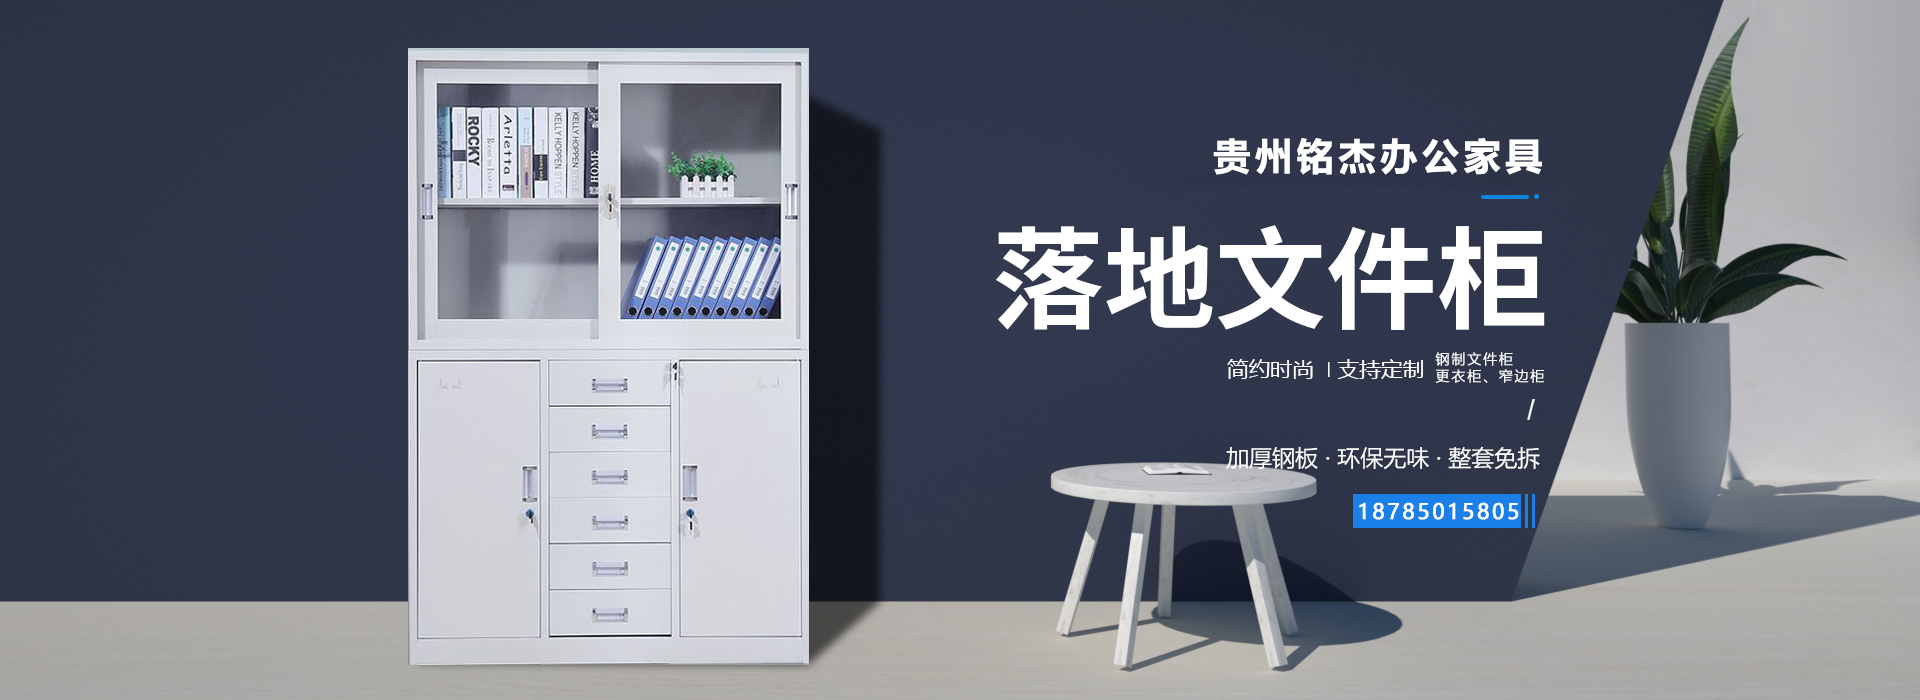 文件柜,钢制文件柜厂家,文件柜公司,办公家具,办公家具价格